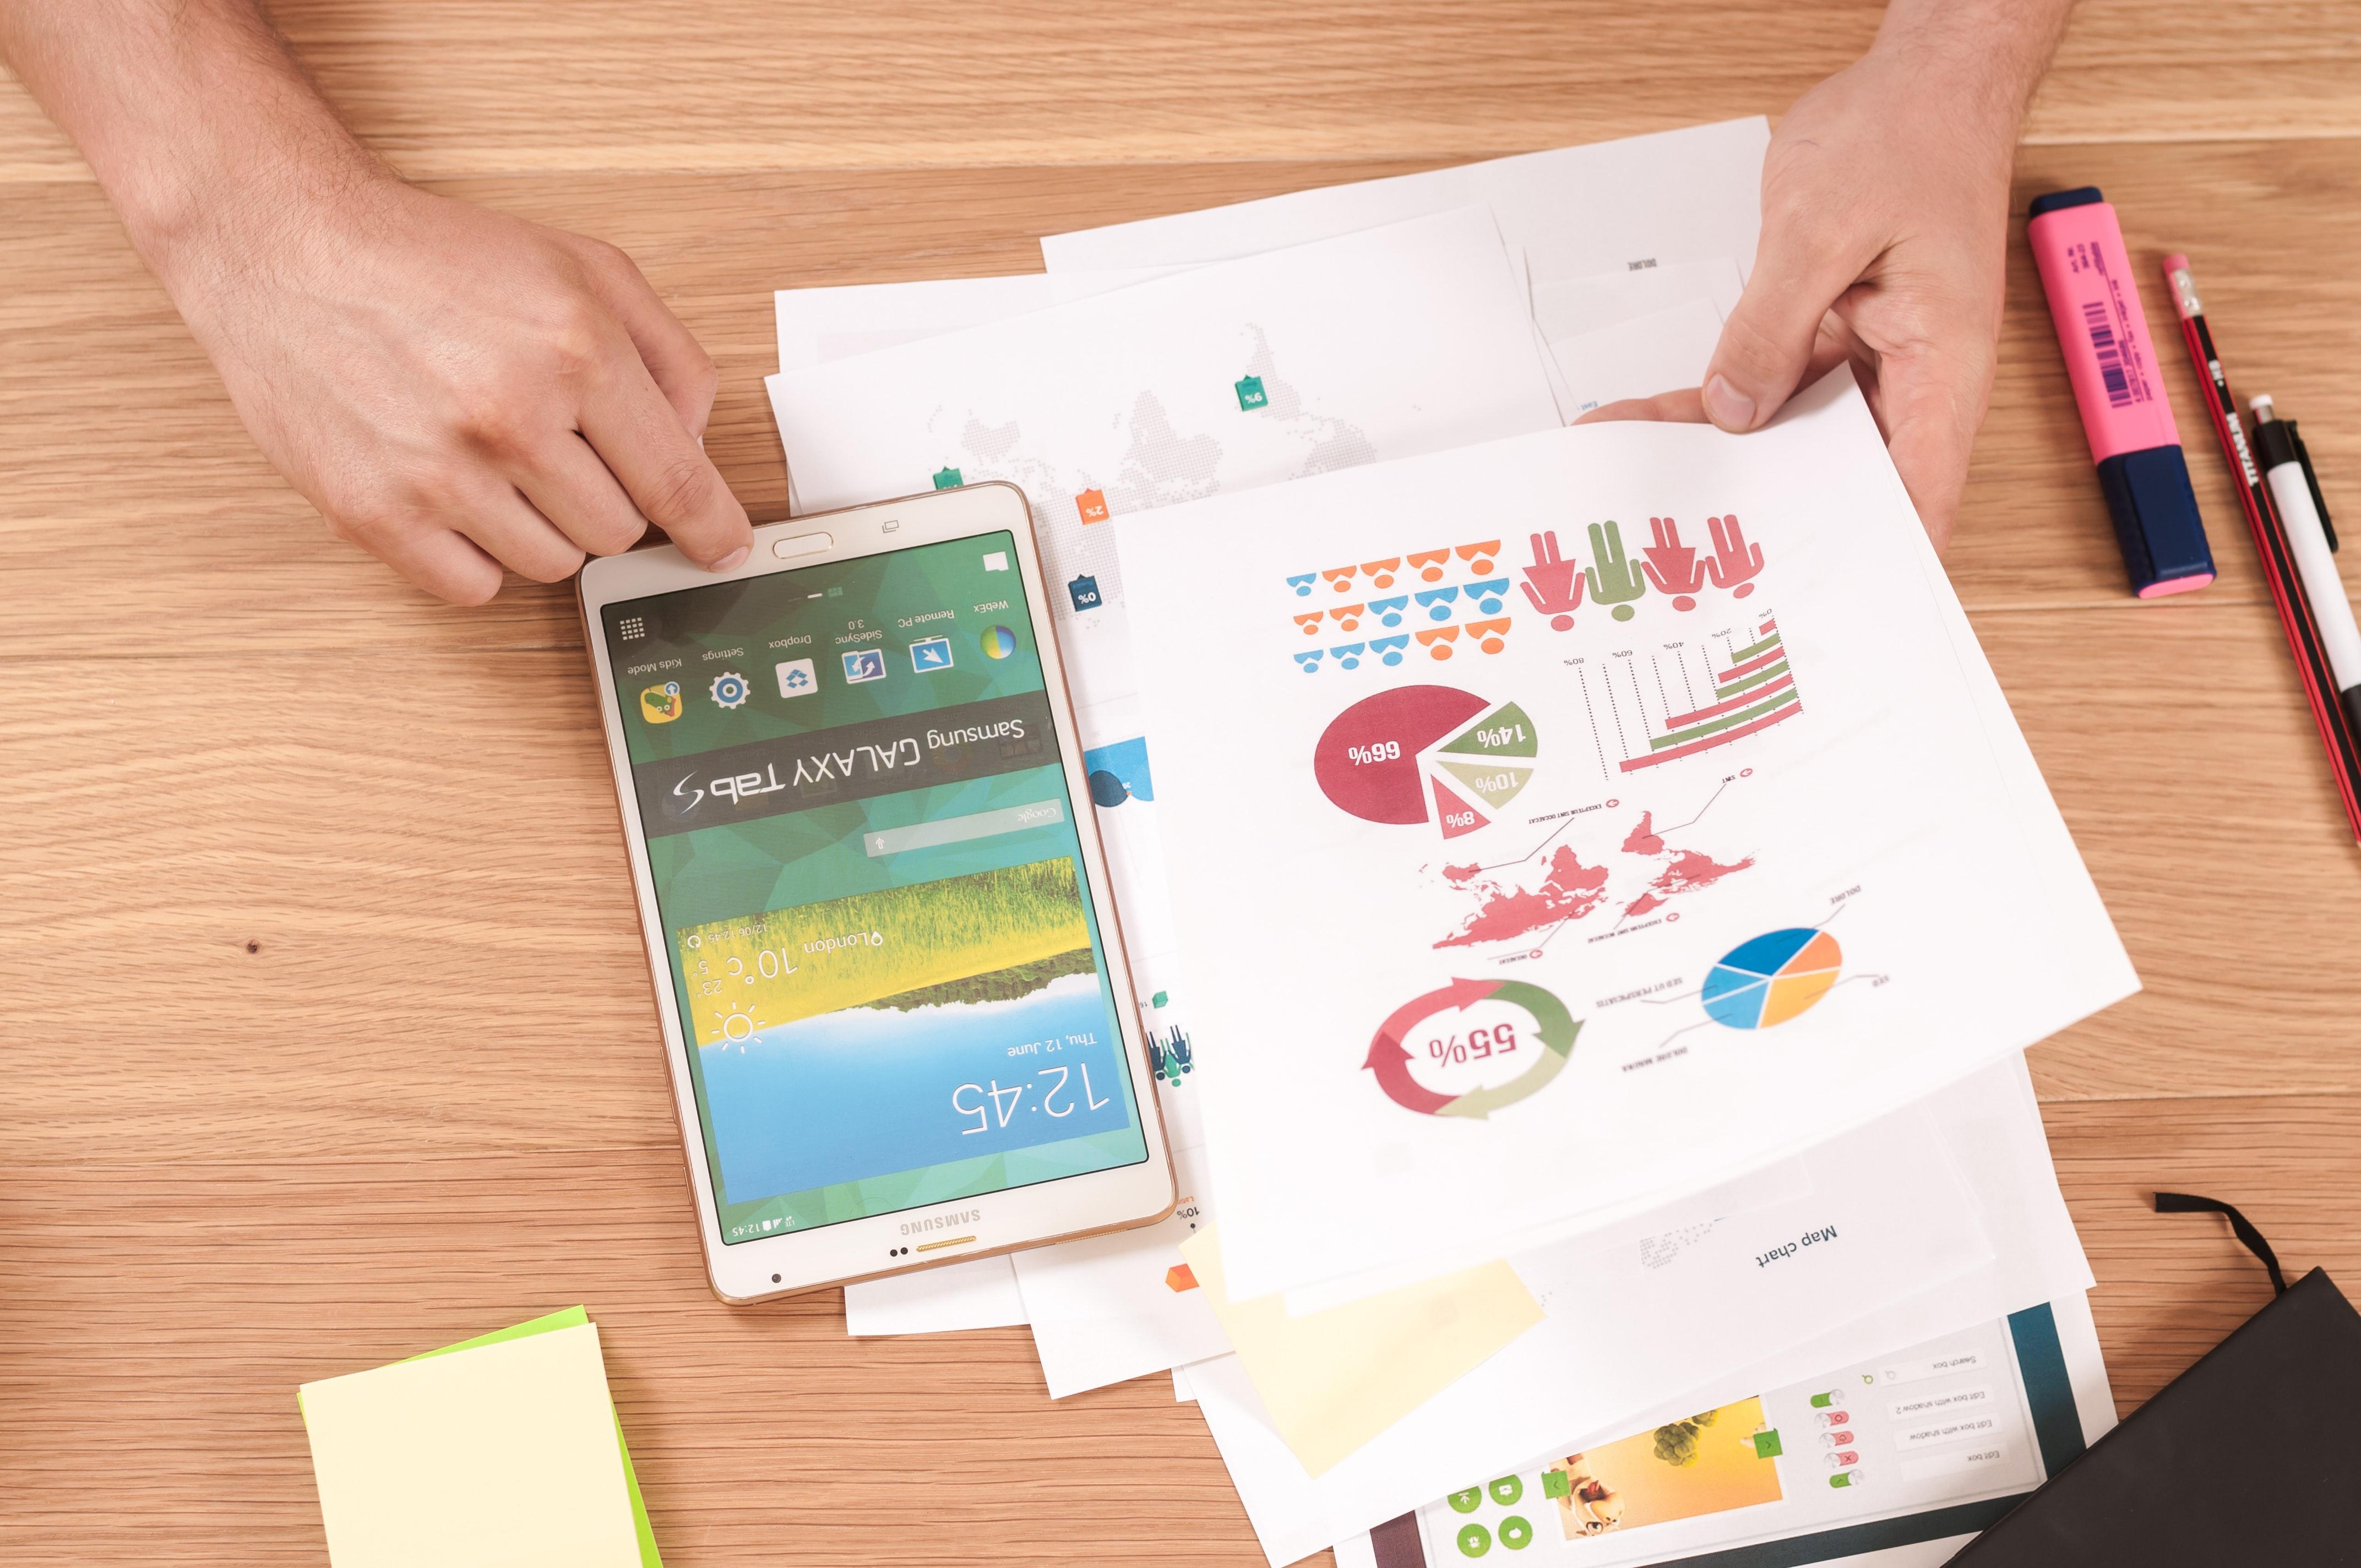 財務分析也可以使用PowerBI